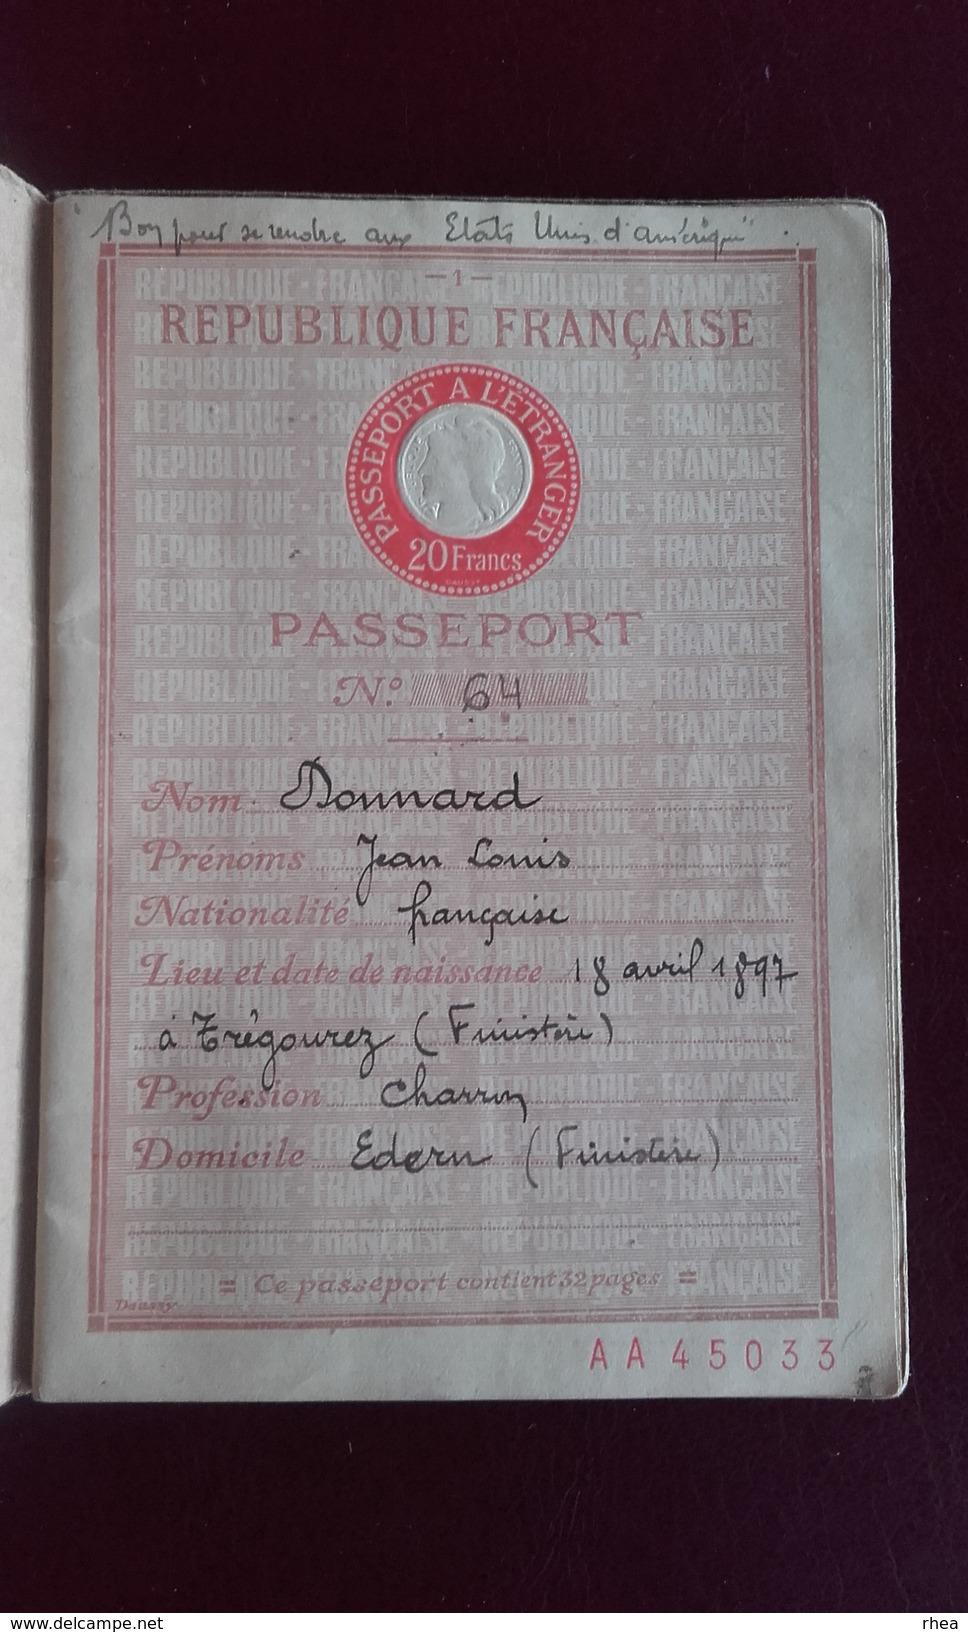 PASSEPORT - Papiers D'identité De Jean Louis Donnard Né à Trégourez Finistère - 1931 - Vieux Papiers